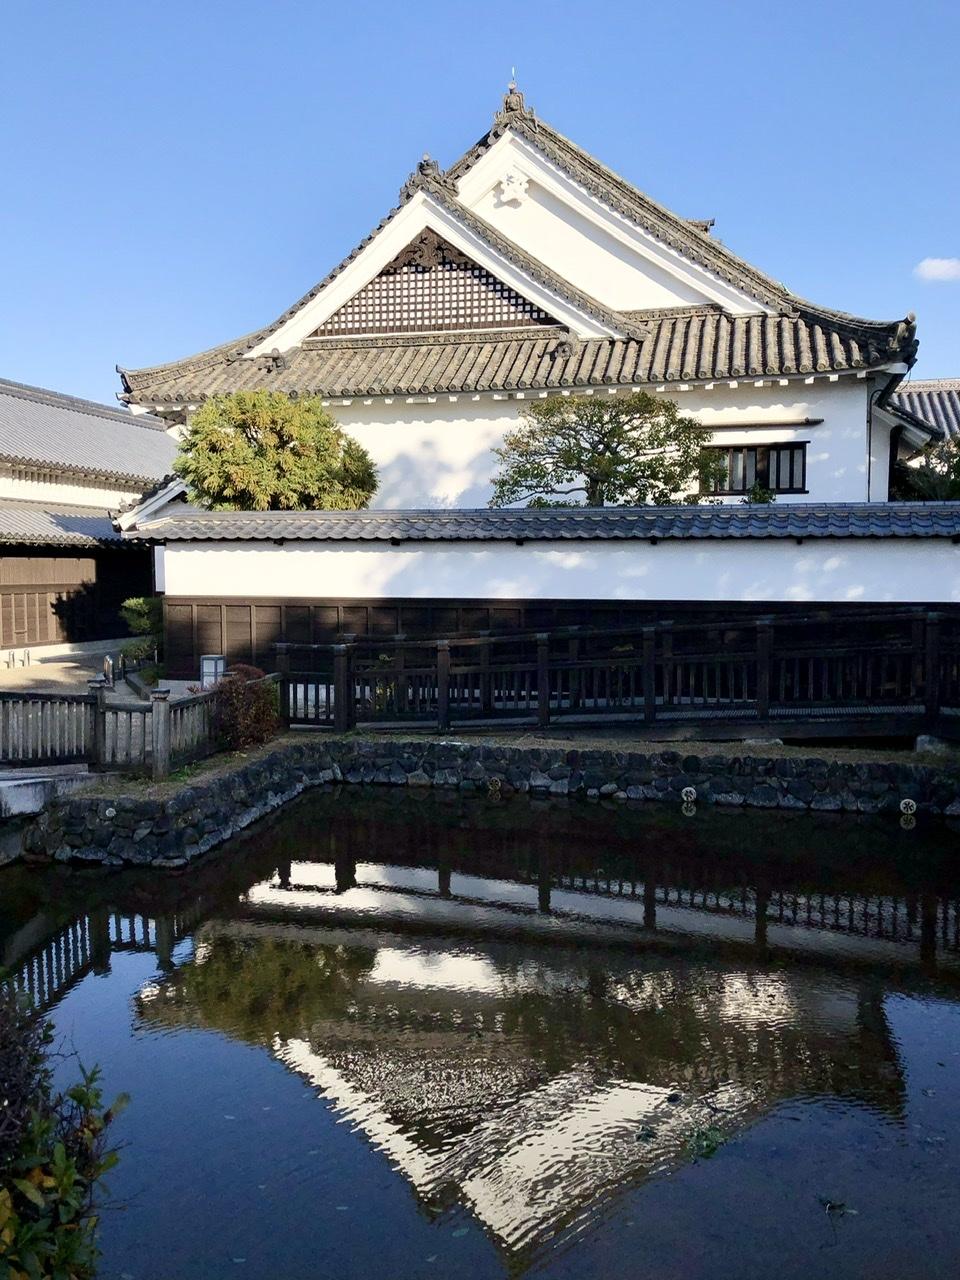 奈良の旅 13 江戸の街並みが美しい橿原市今井町 その2_a0092659_11380191.jpeg